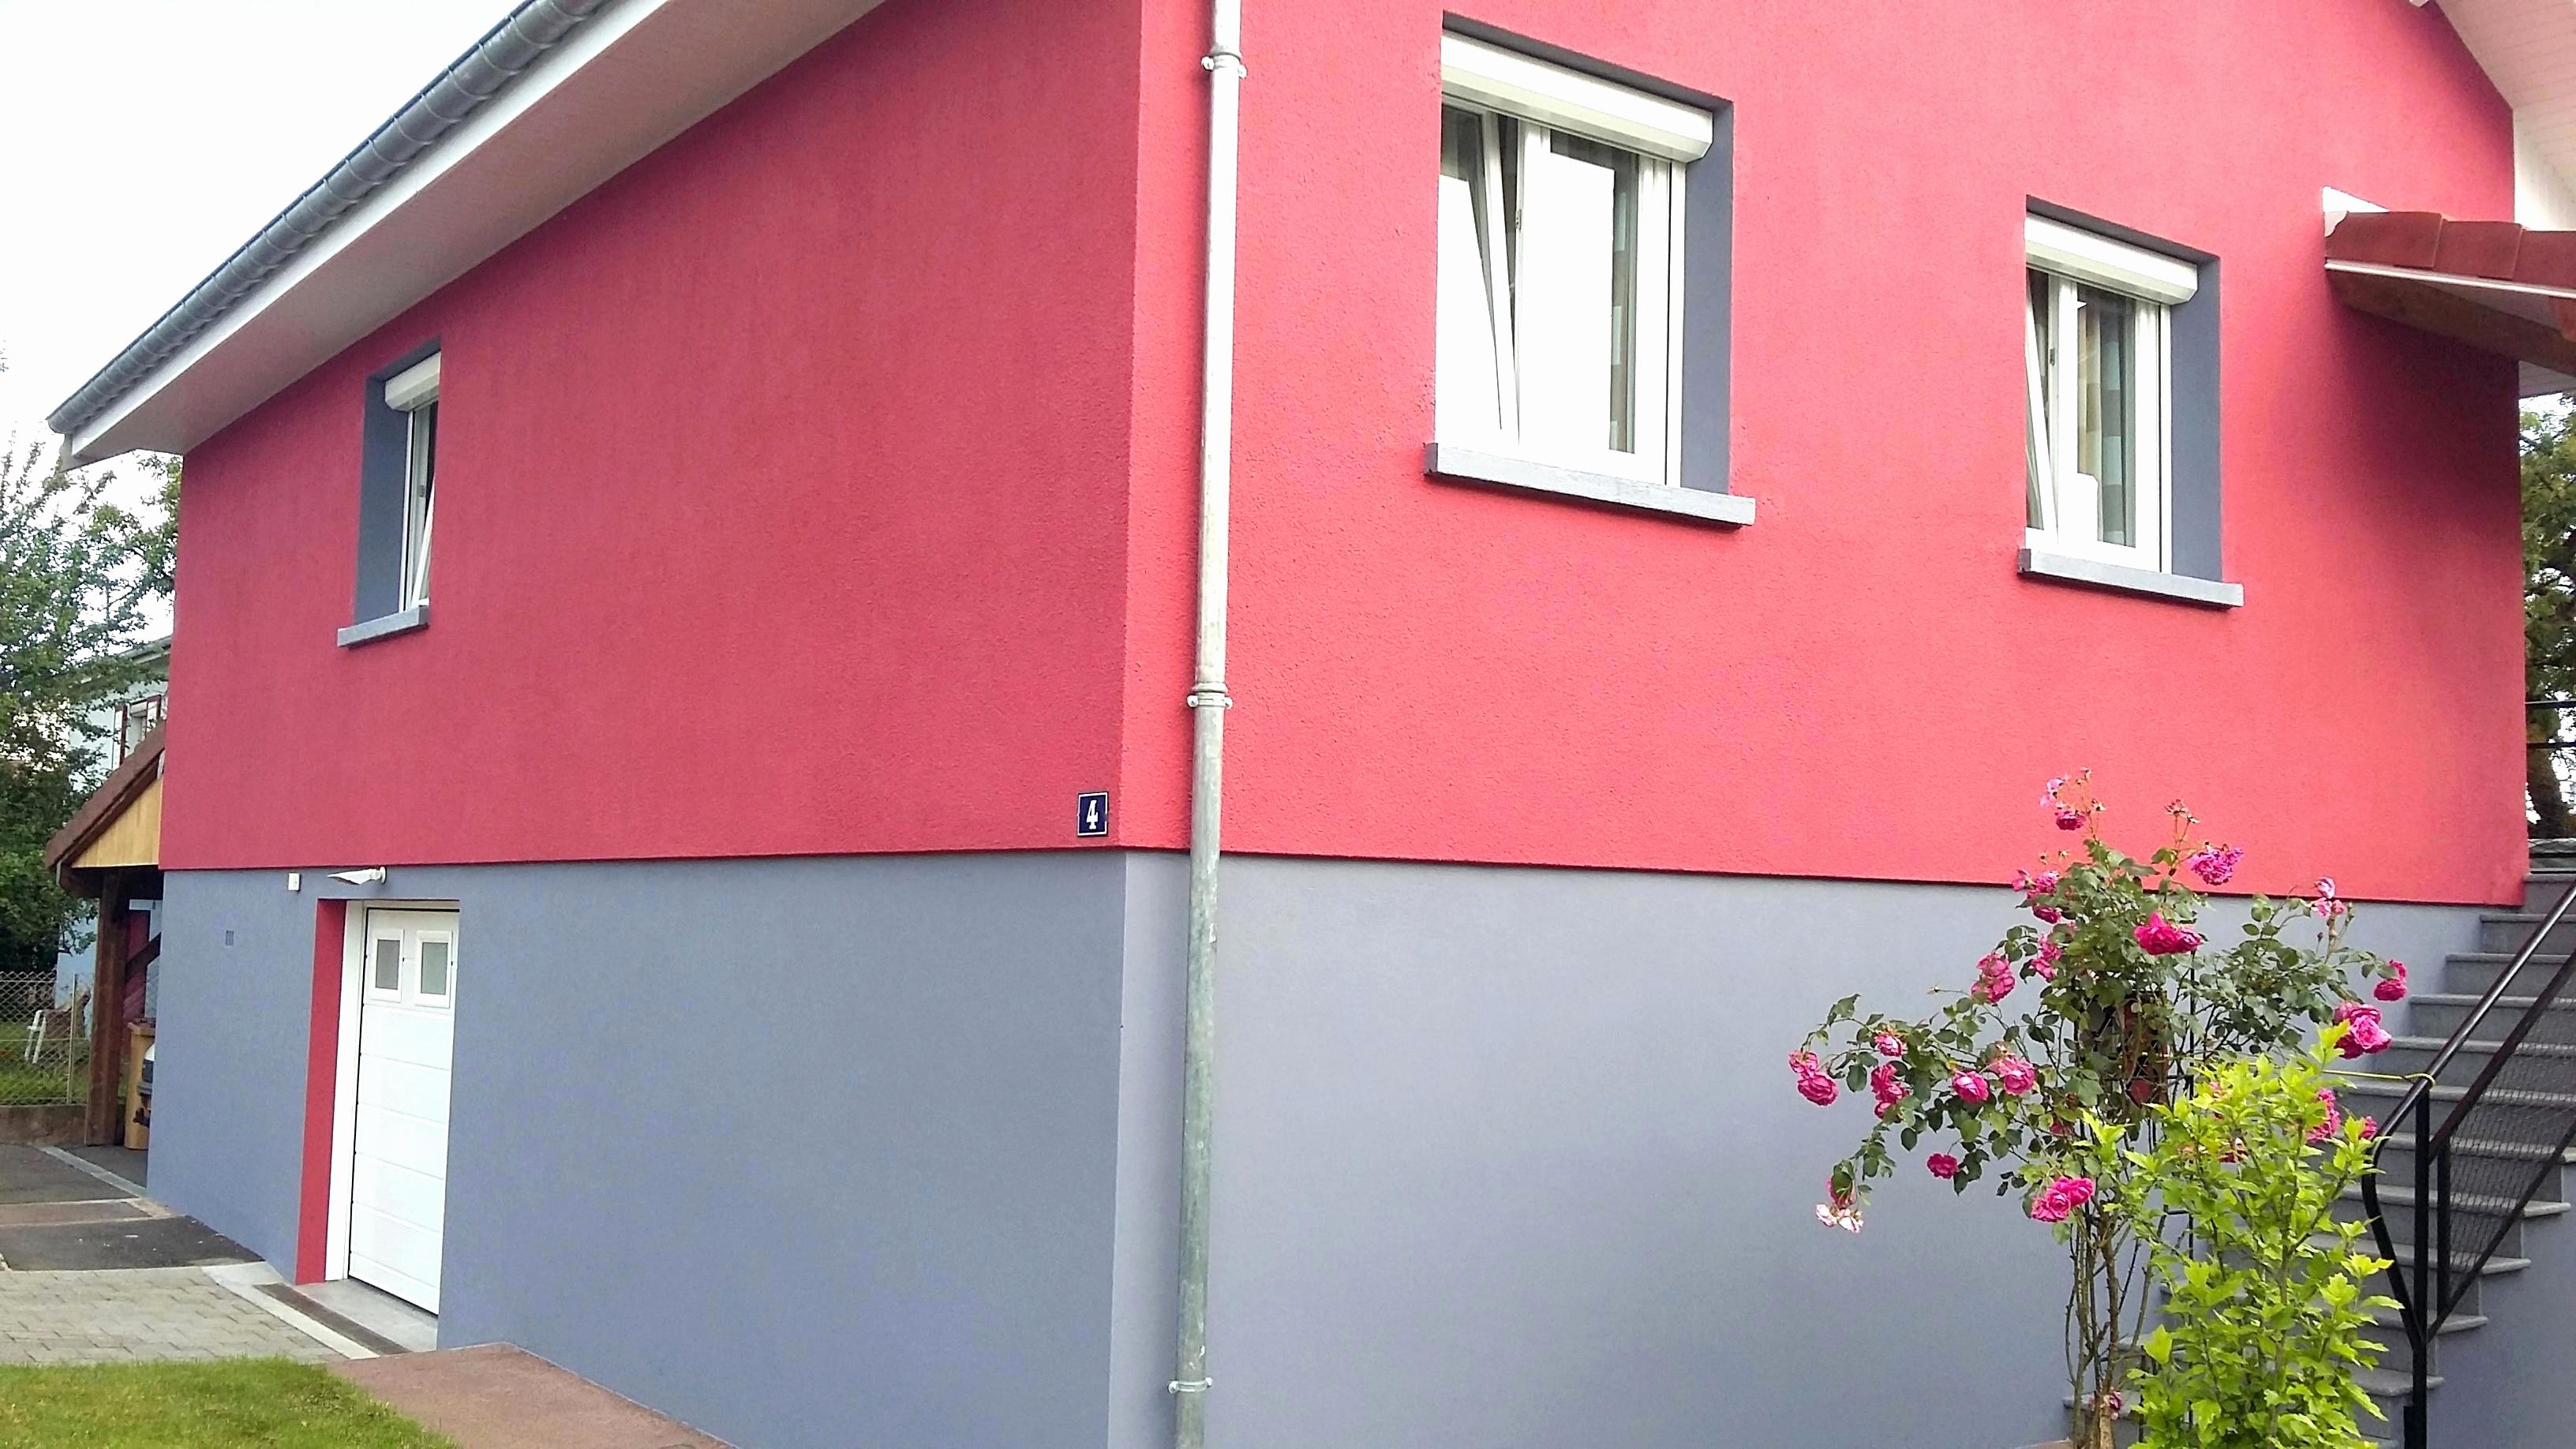 Peinture Carrelage Salle De Bain Brico Depot Beau Photographie Eclairage Exterieur Brico Depot Inspirant € Piquer Brico Dép´t